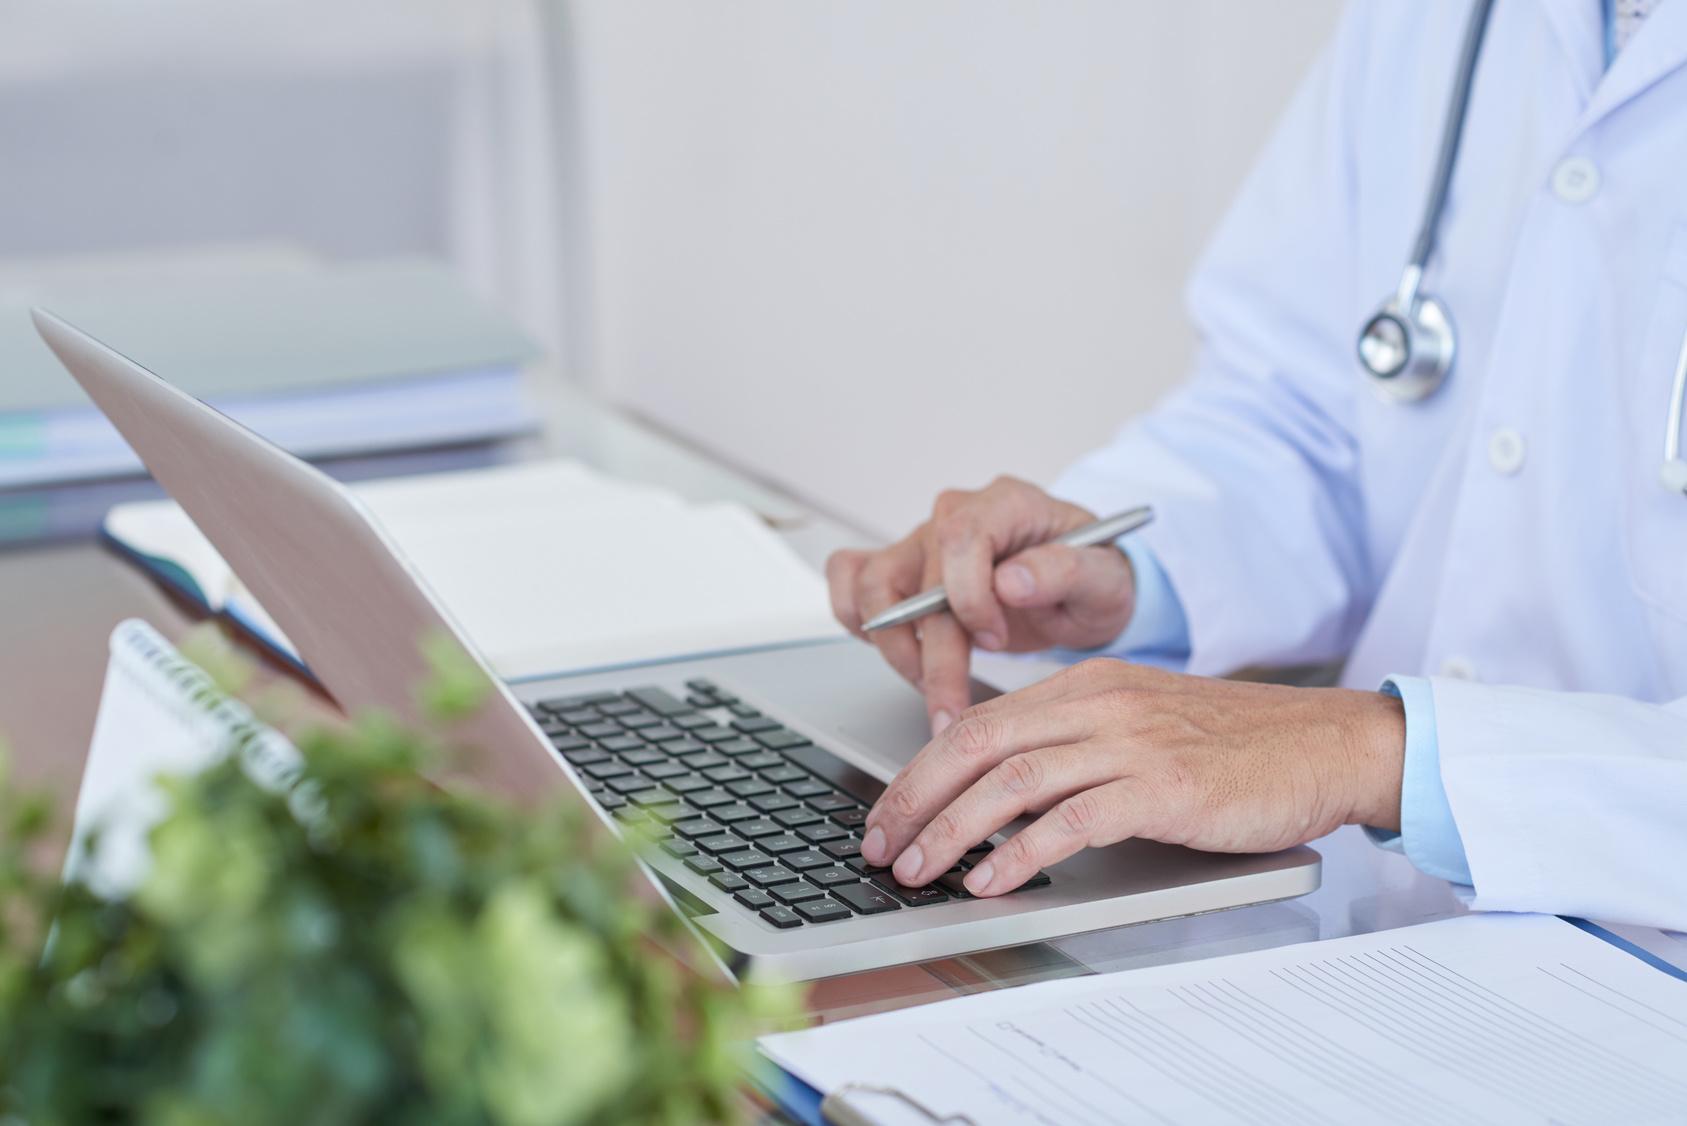 załącznik zwolnienia lekasrskie biuro rachunkowe Audytor Jarocin